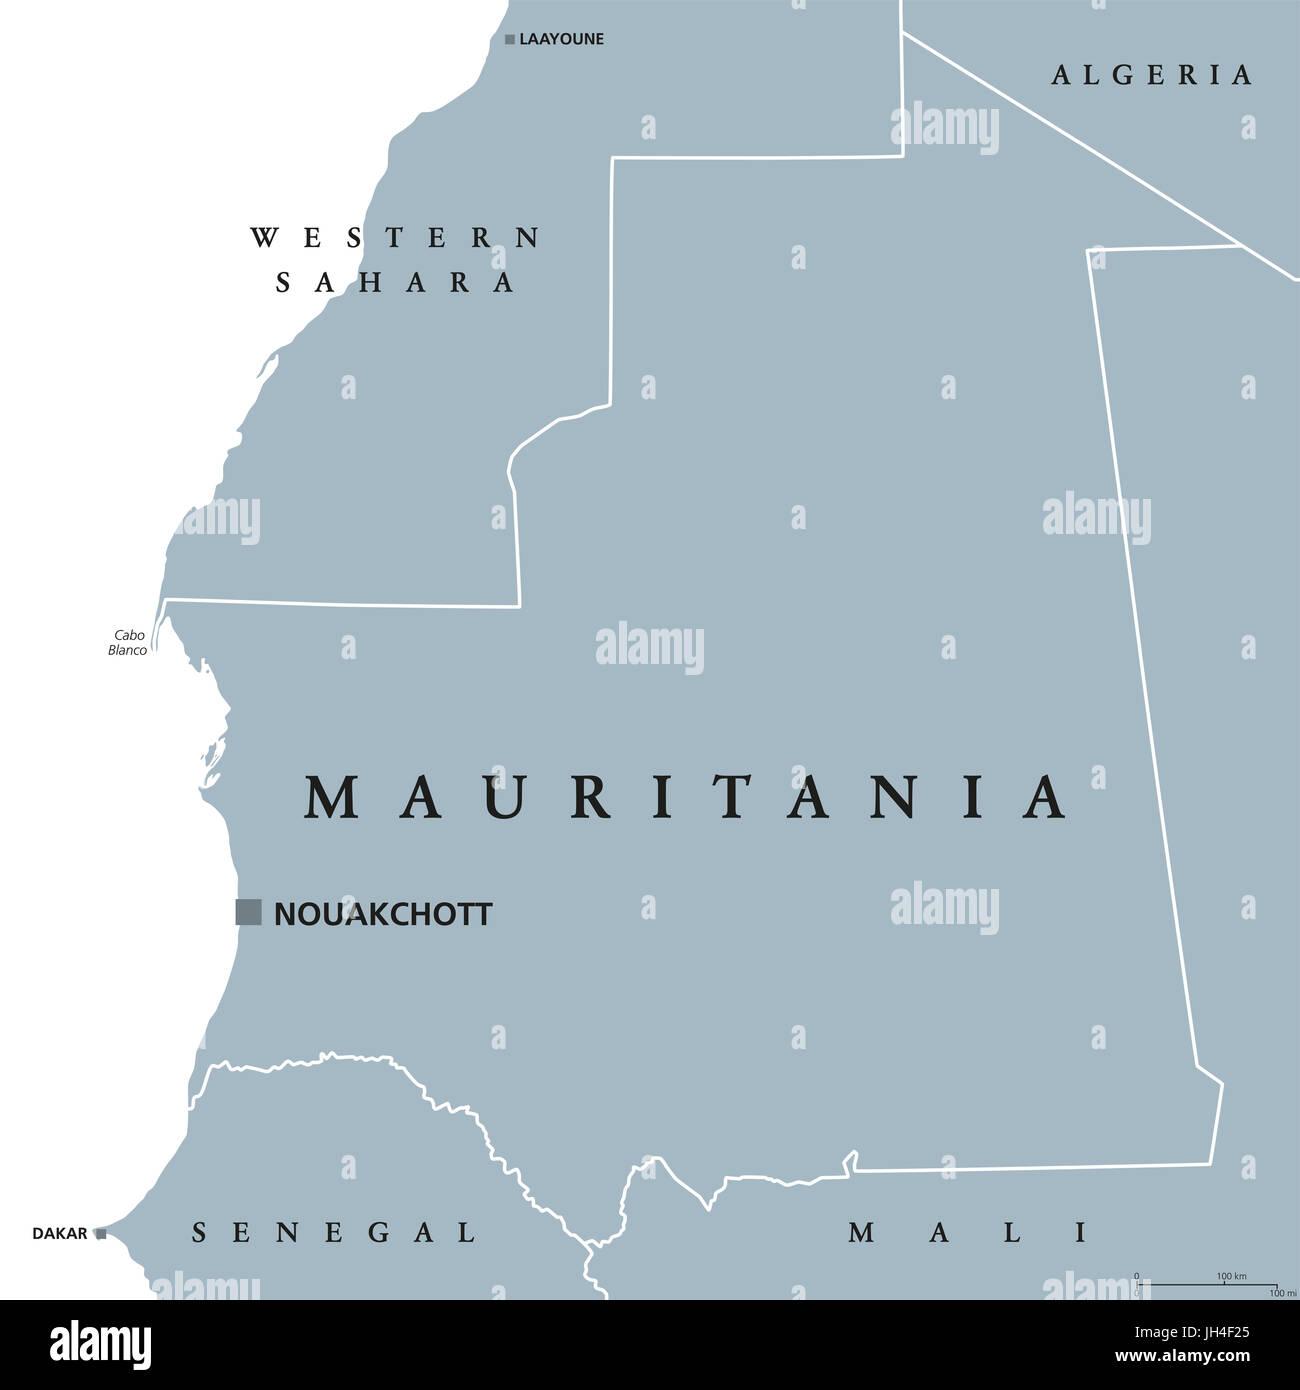 Mauretanien Politische Karte Mit Hauptstadt Nouakchott Islamische Republik Und Arabischen Land In Der Maghreb Region Von Westafrika Graue Abbildung Stockfotografie Alamy